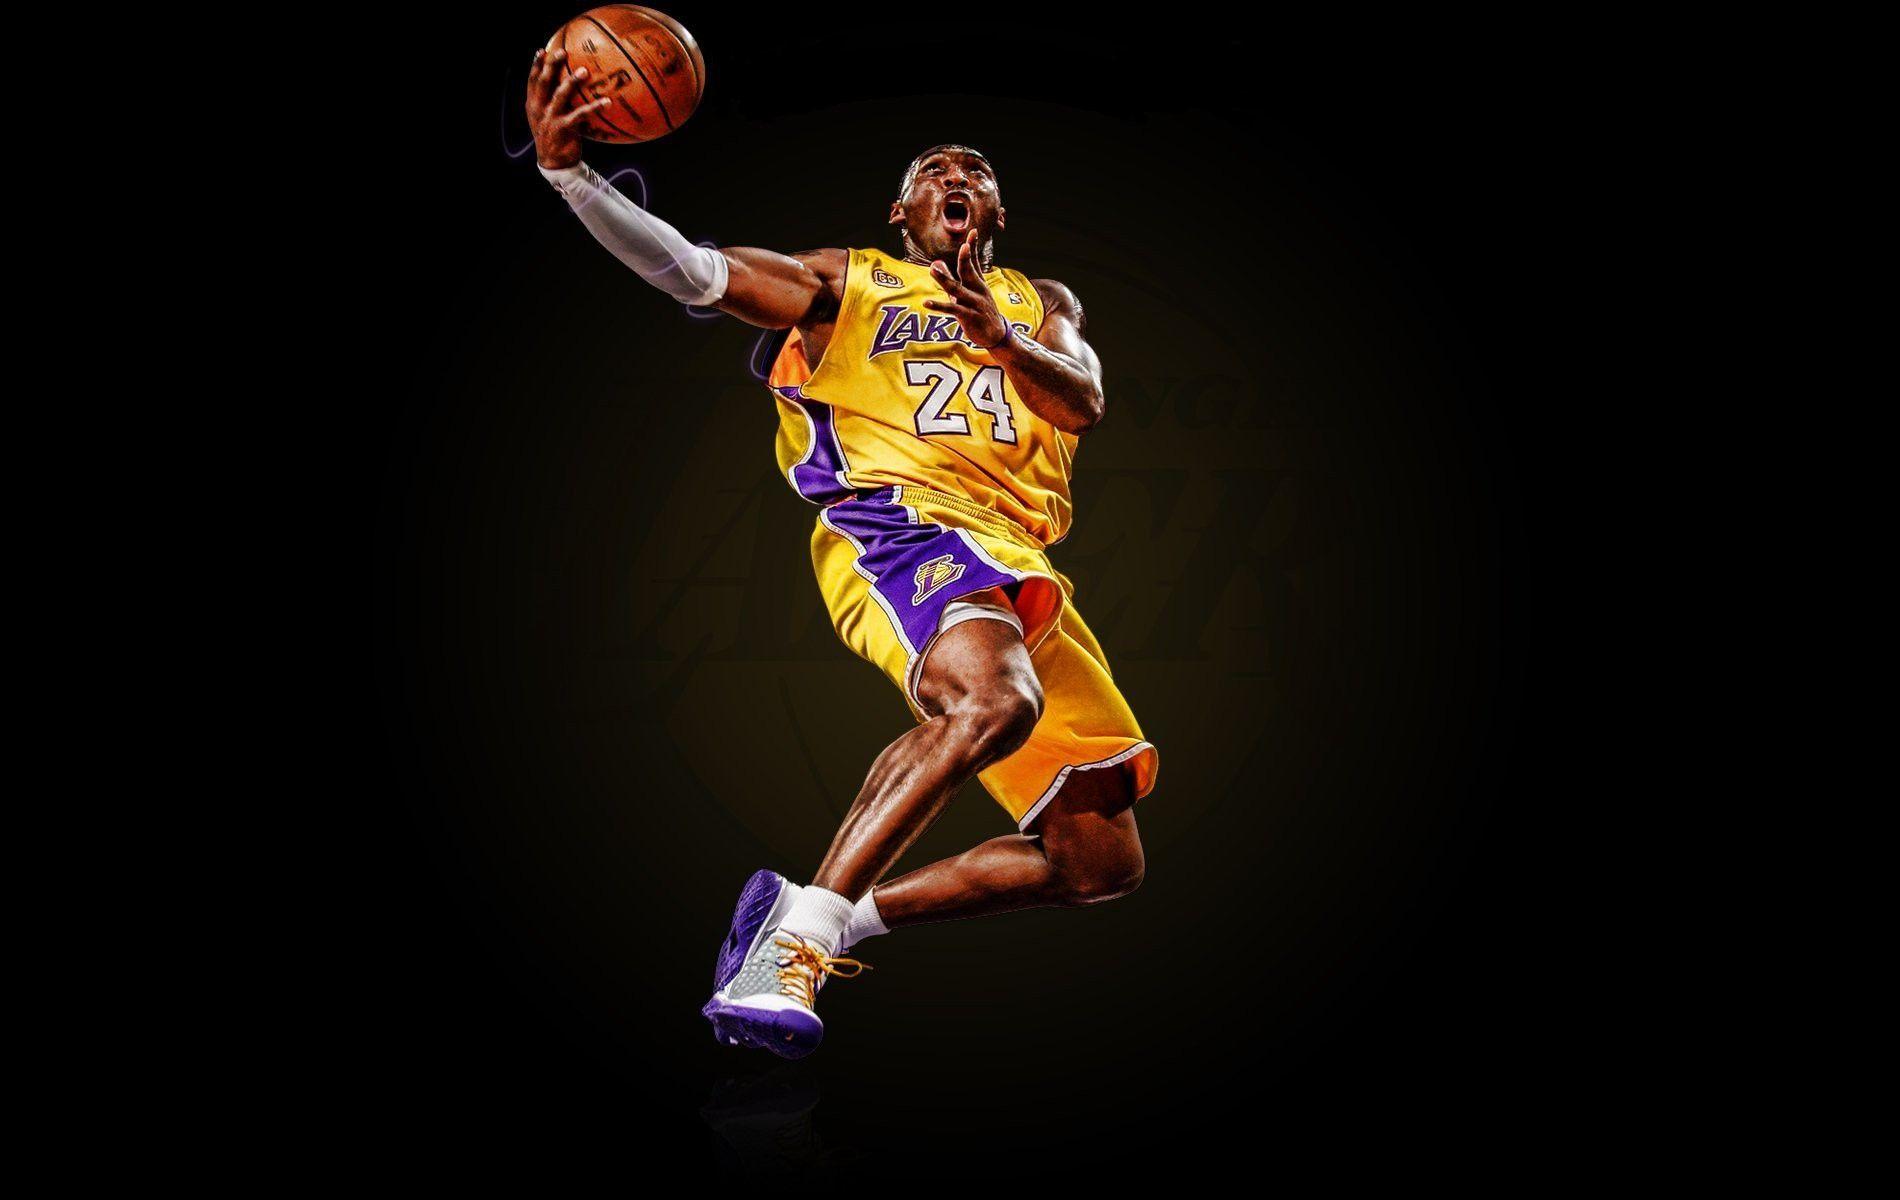 55 Kobe Wallpapers Download At Wallpaperbro Kobe Bryant Wallpaper Kobe Bryant Kobe